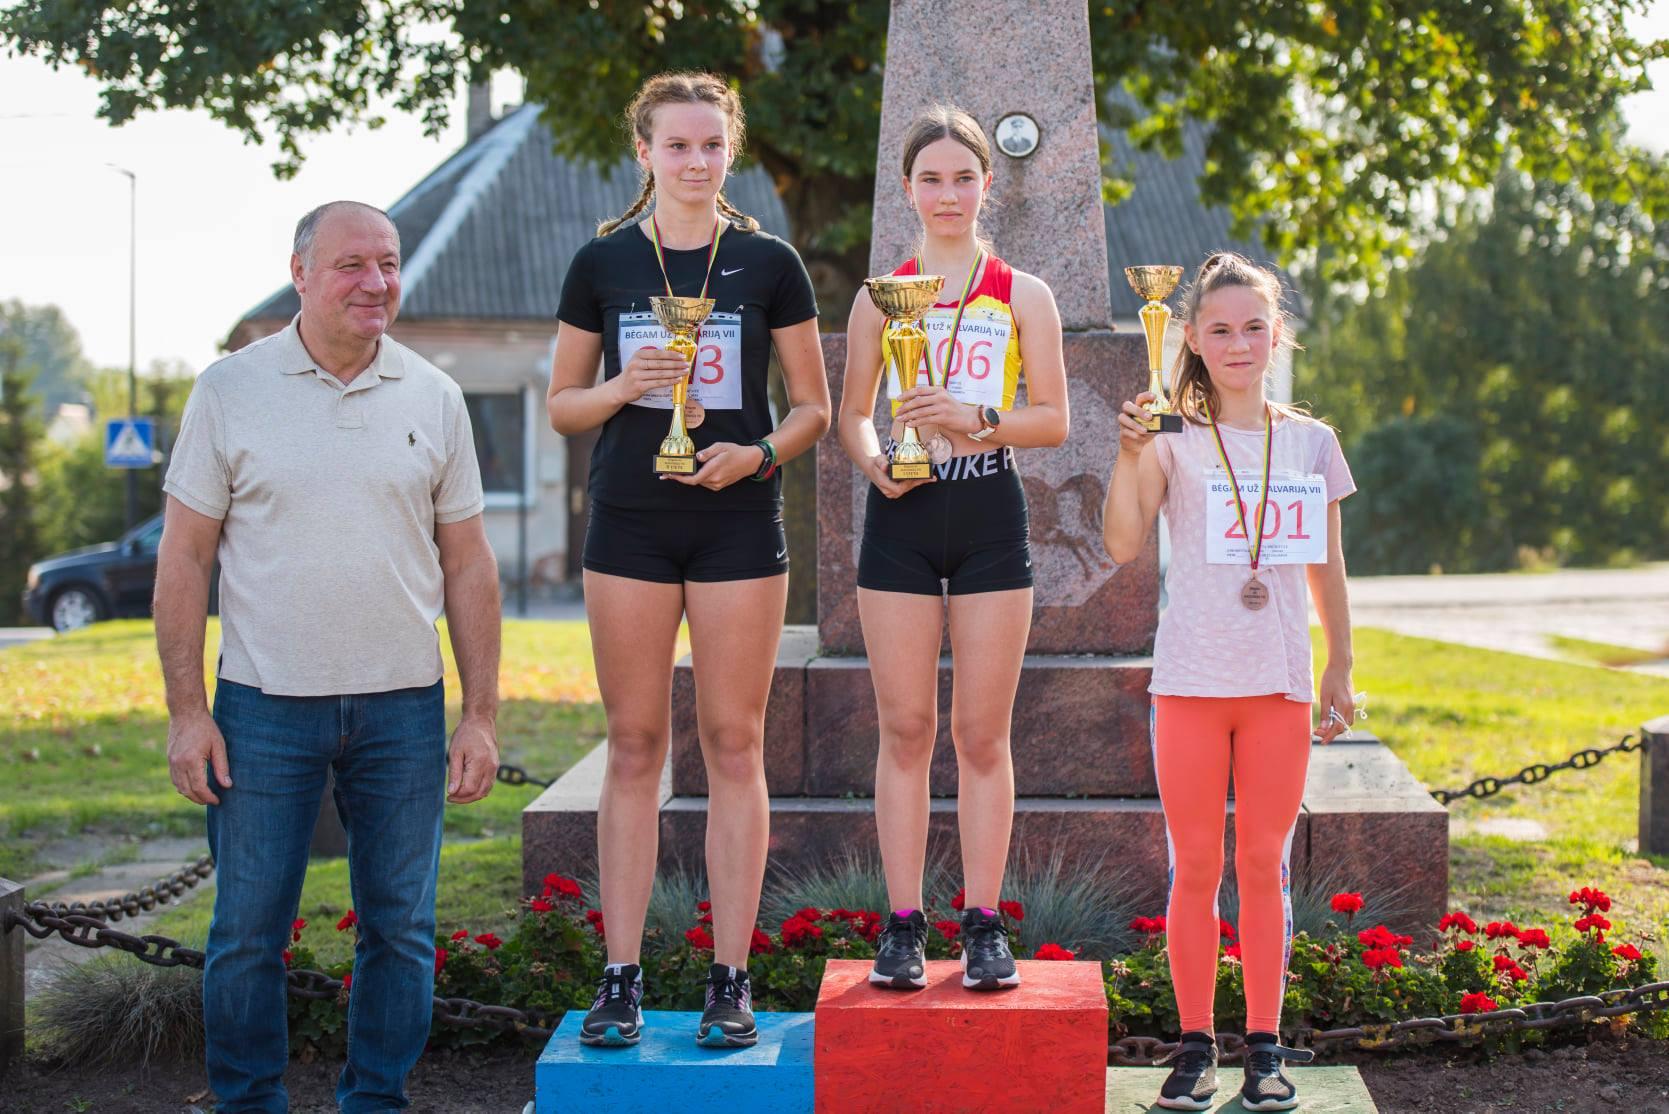 Luknė Šlekytė - 1 vieta, Justė Juškaitė - 2 vieta